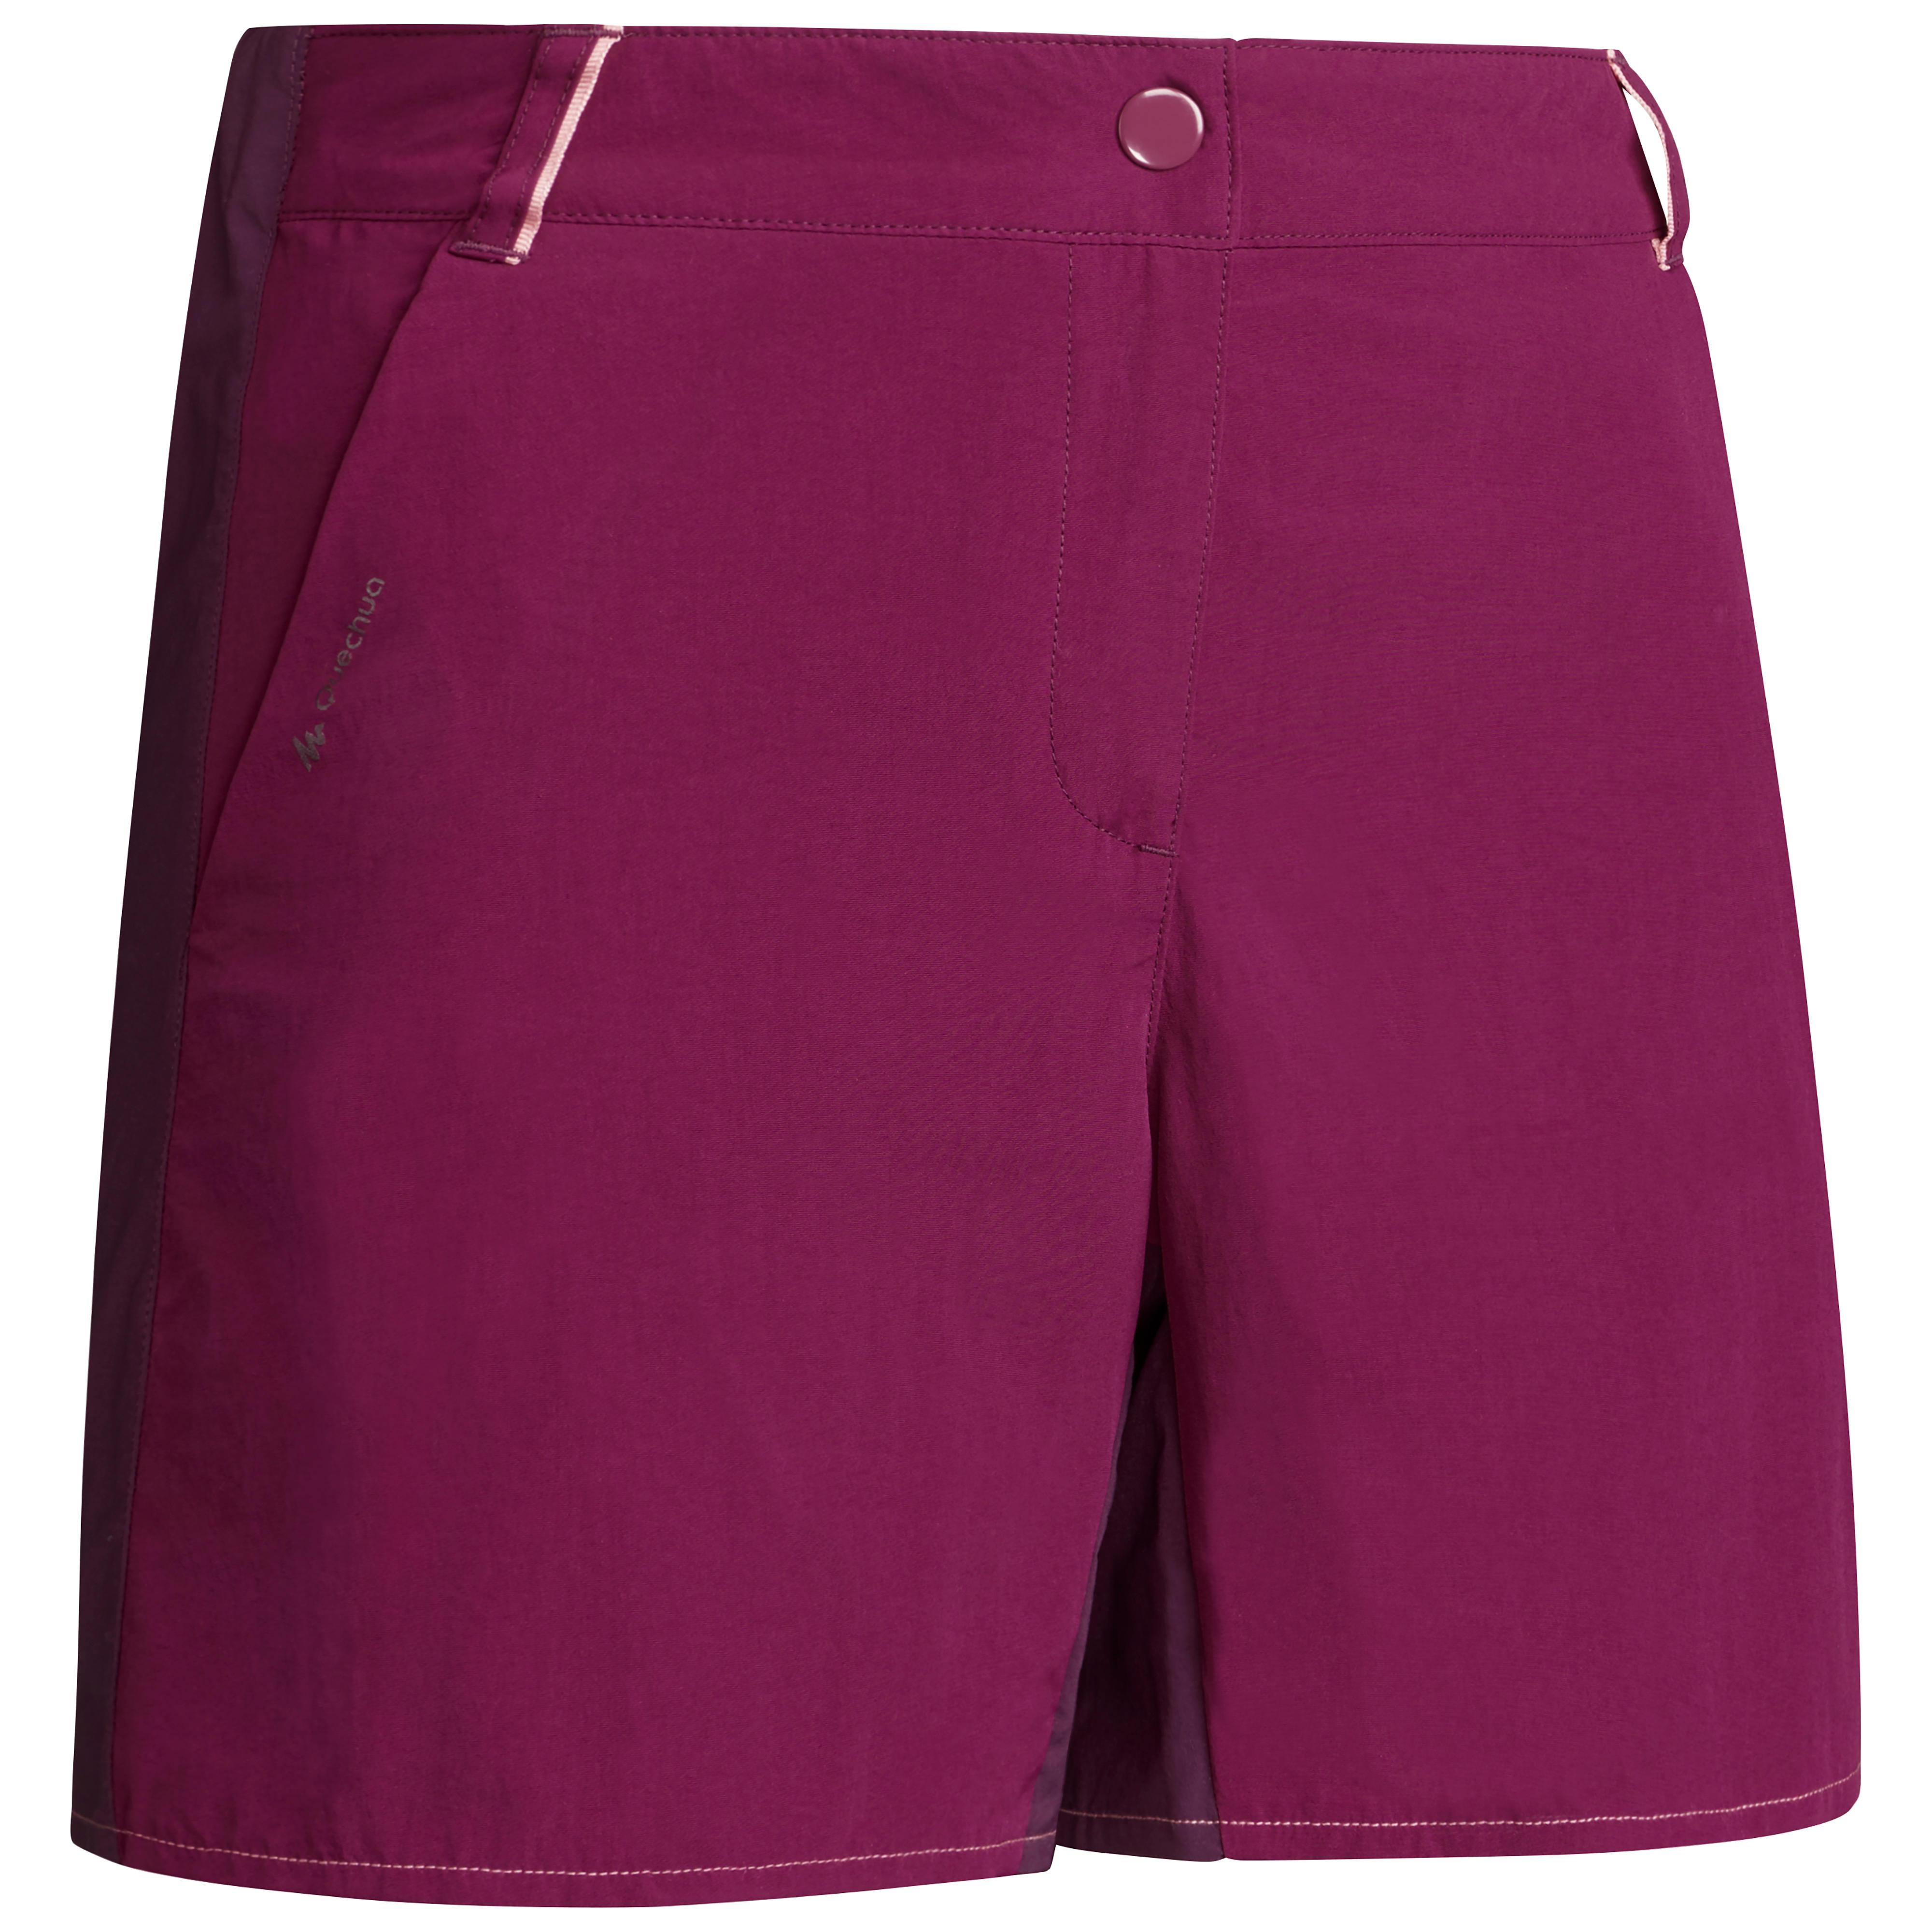 Sport Korte Broek Dames.Shorts Voor Dames Decathlon